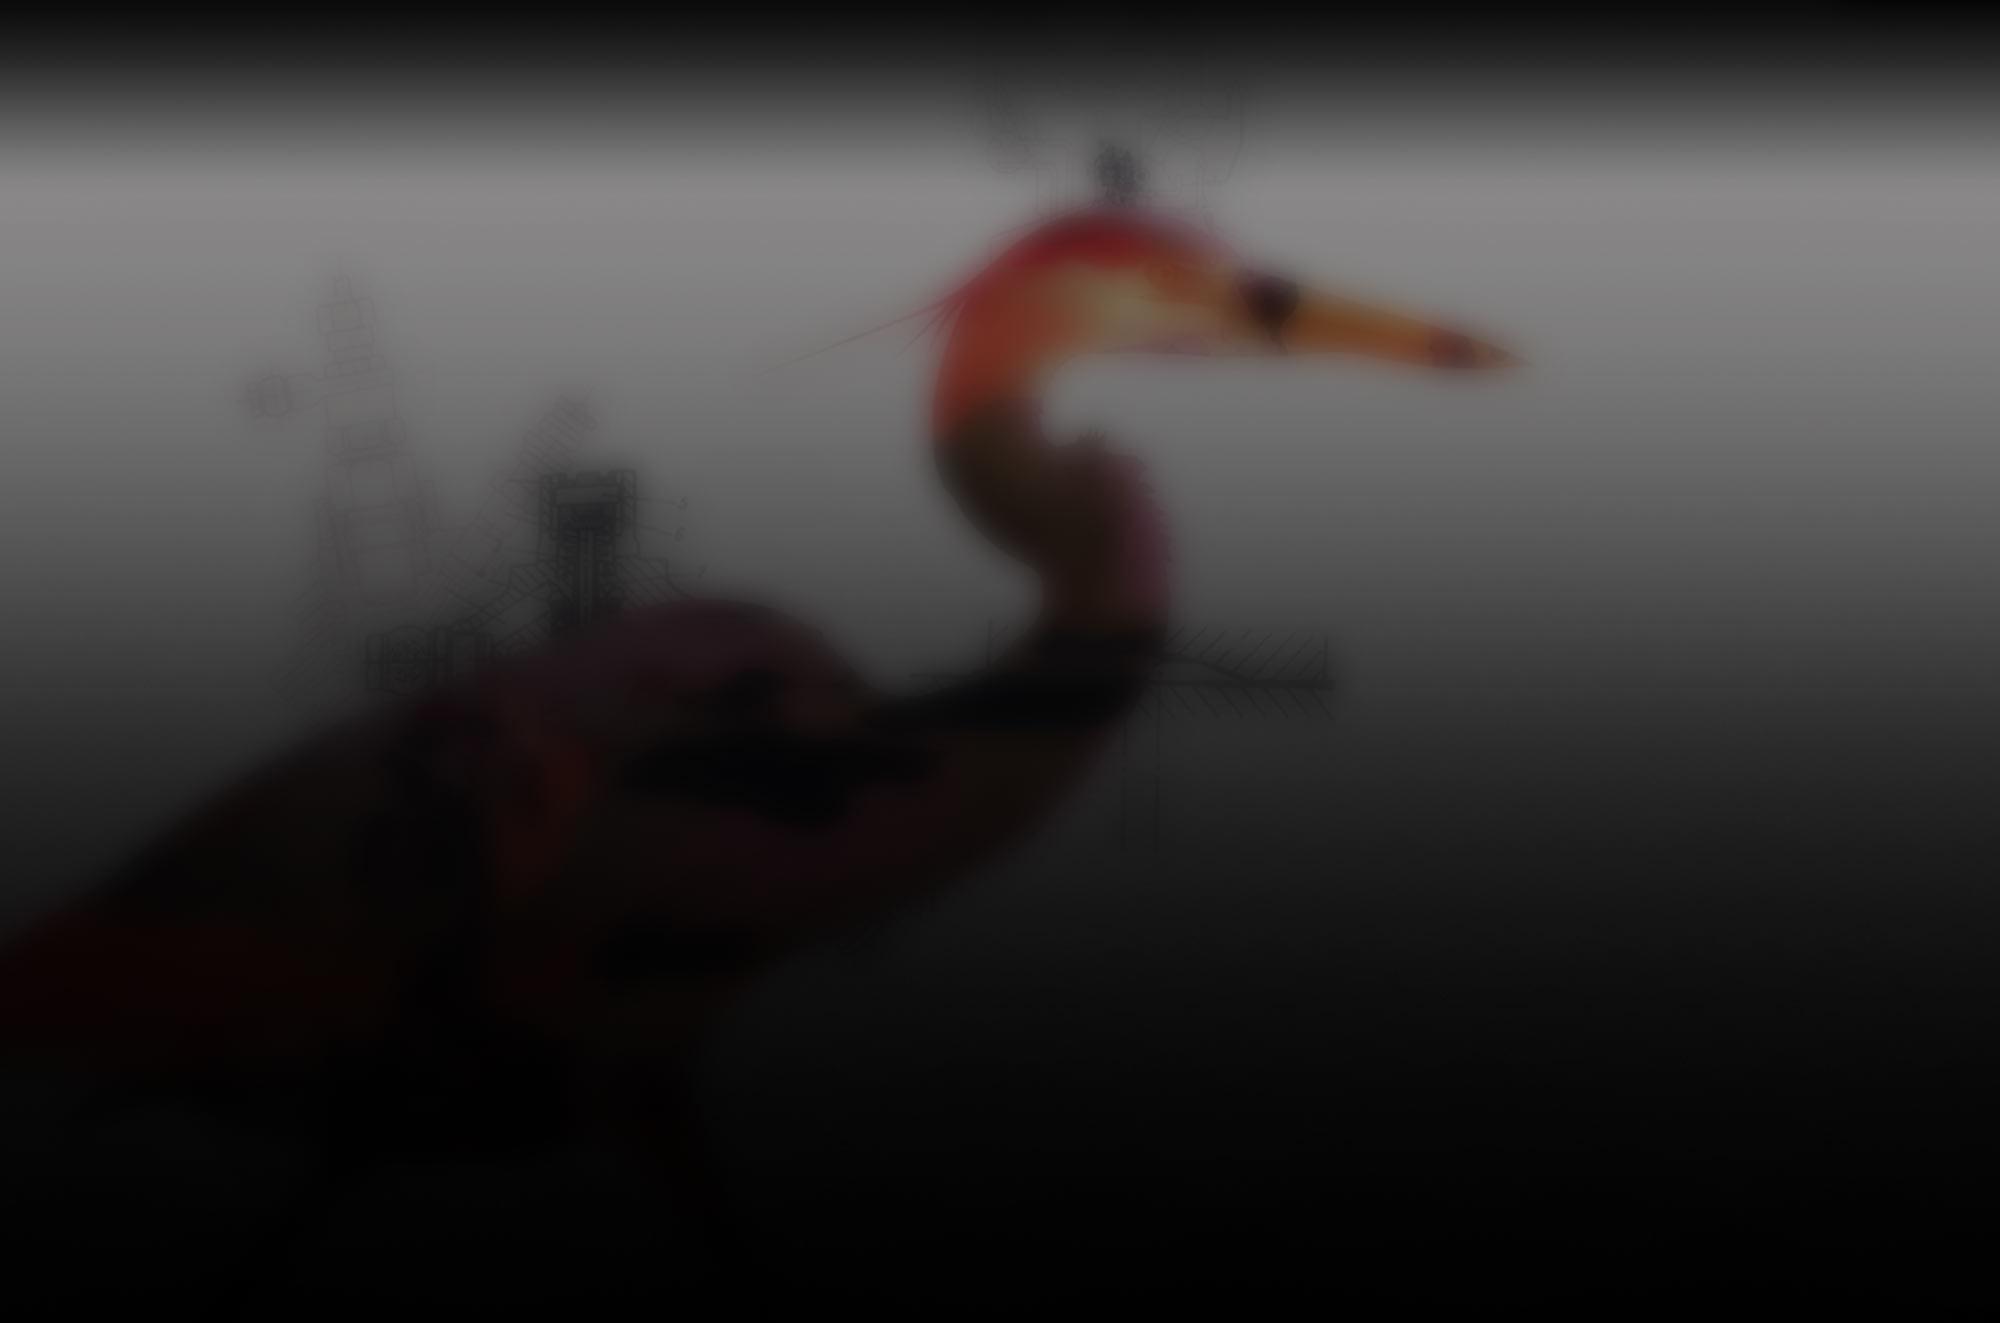 Pippin – Dreamwalker